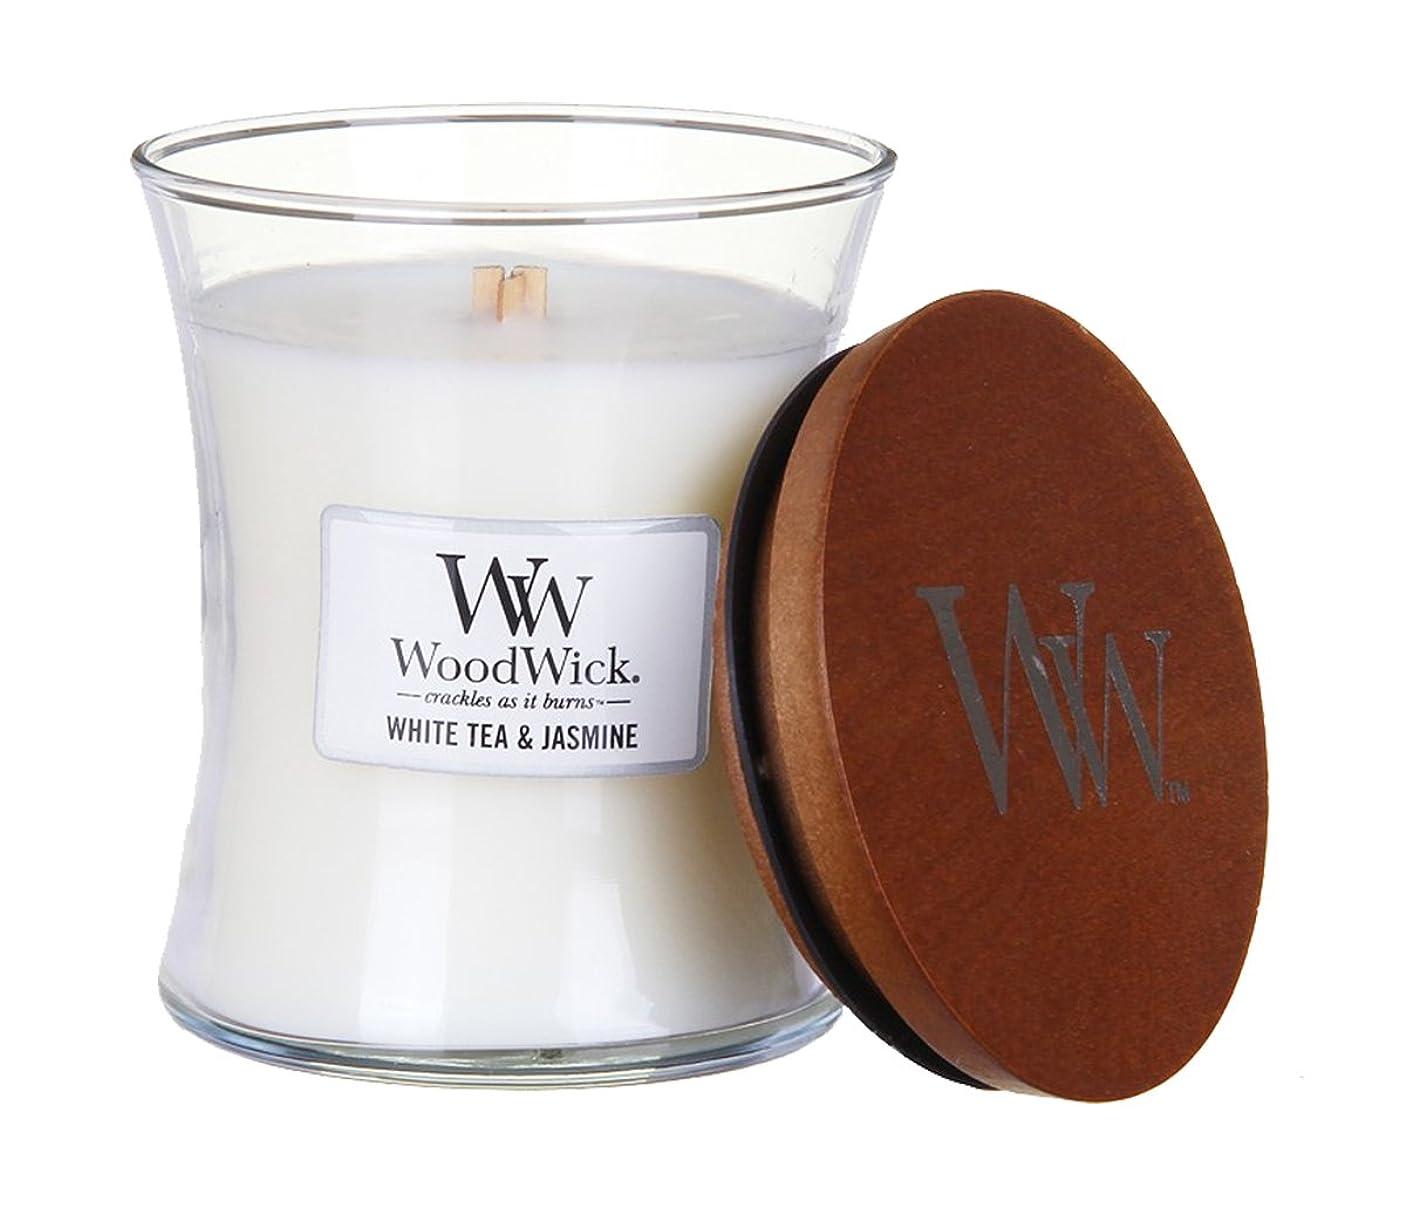 アーティスト泥棒スキャンホワイトTea Jasmine?–?WoodWick 10oz Medium Jar Candle Burns 100時間